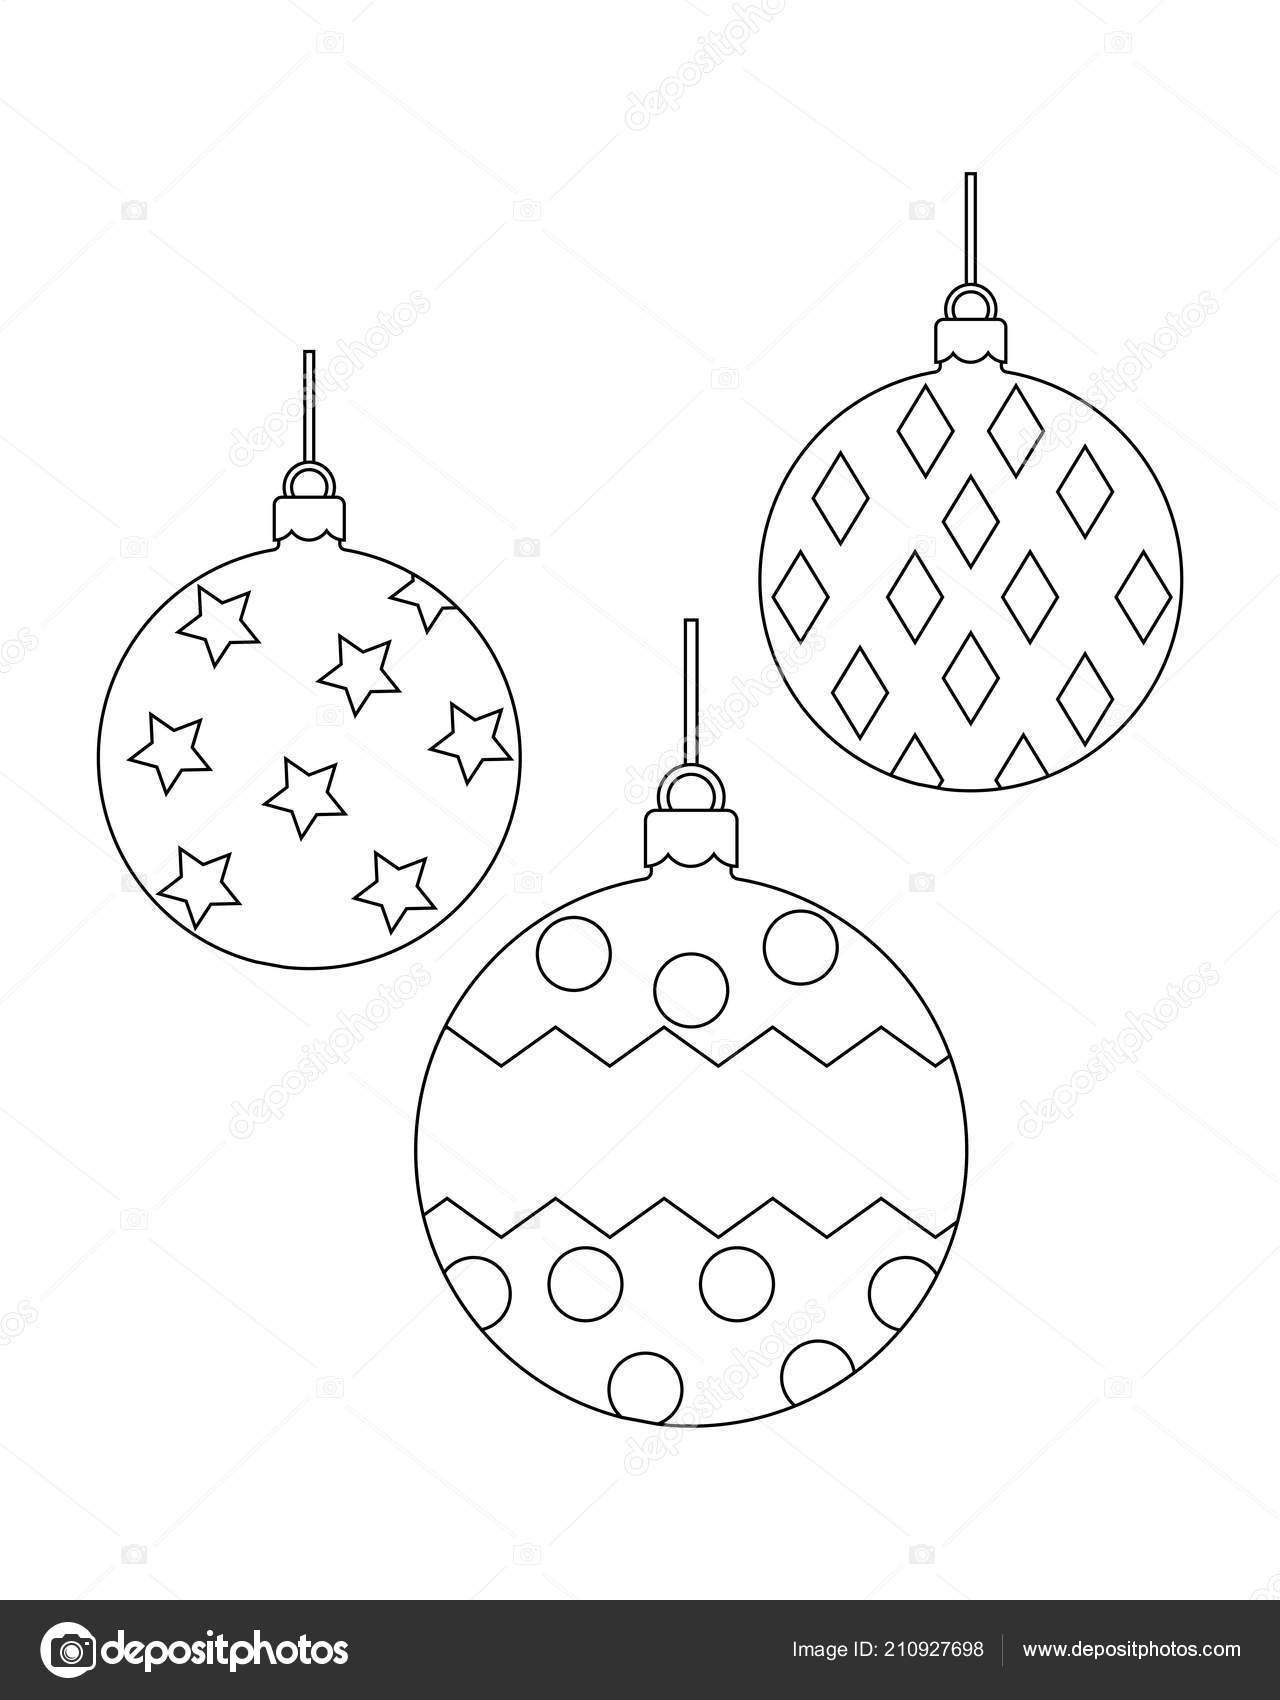 Imagenes Bolas De Navidad Para Colorear.Bolas De Navidad Para Colorear Ilustracion De Vector De